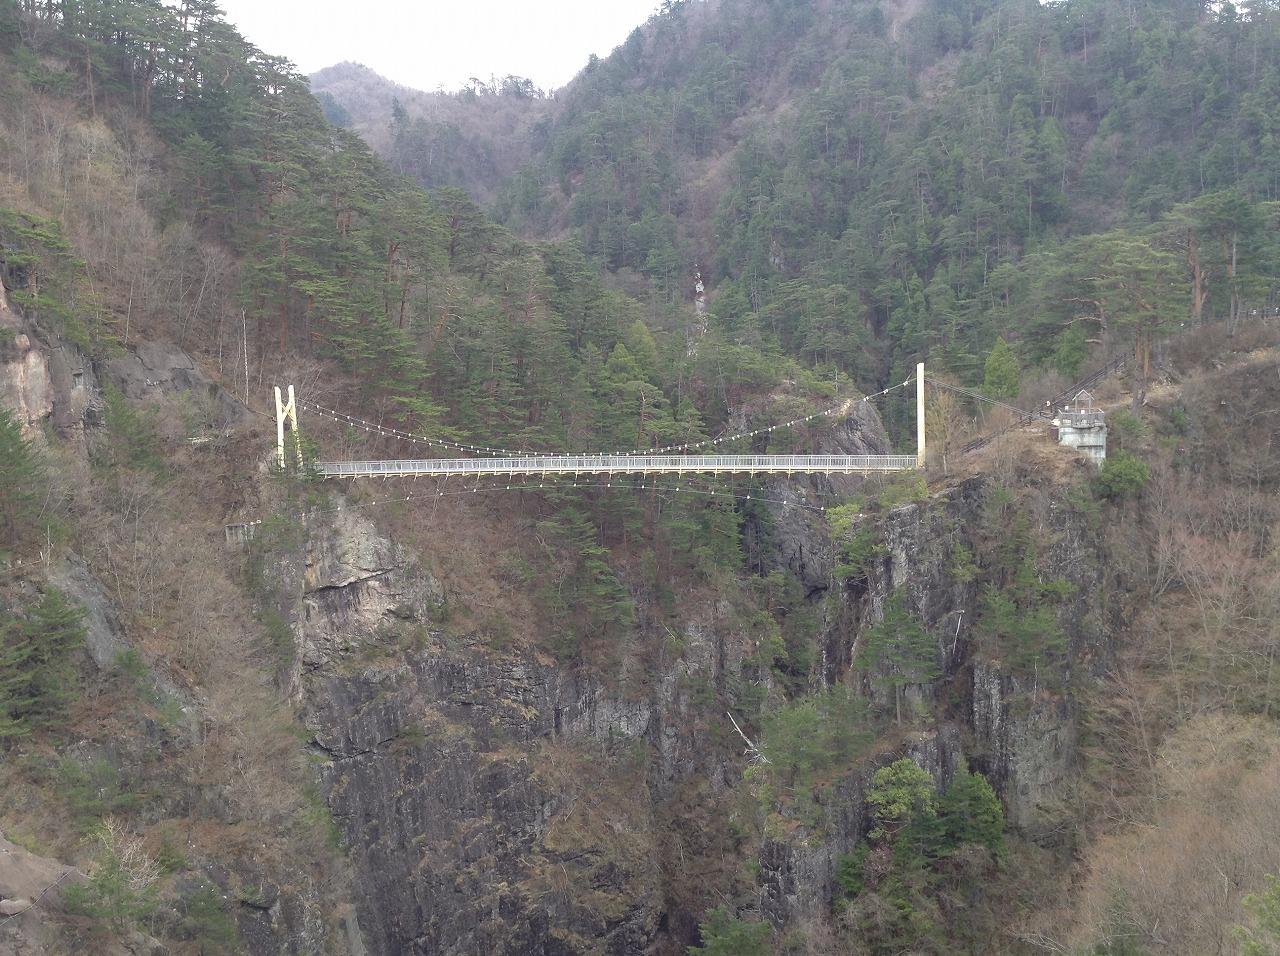 渡らっしゃい吊橋1